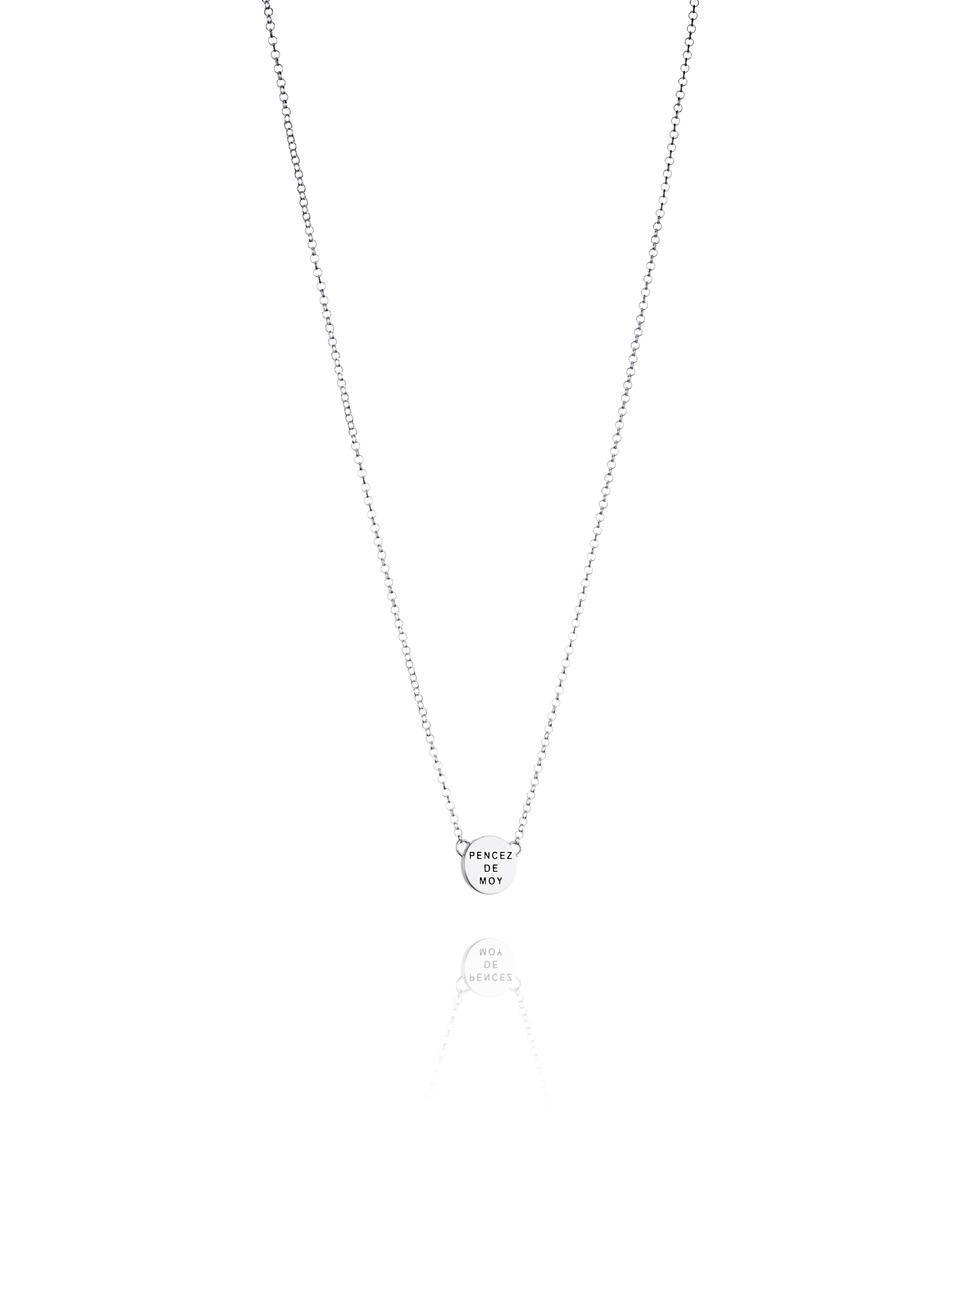 Mini Pencez De Moy Necklace 10-100-00560(2)